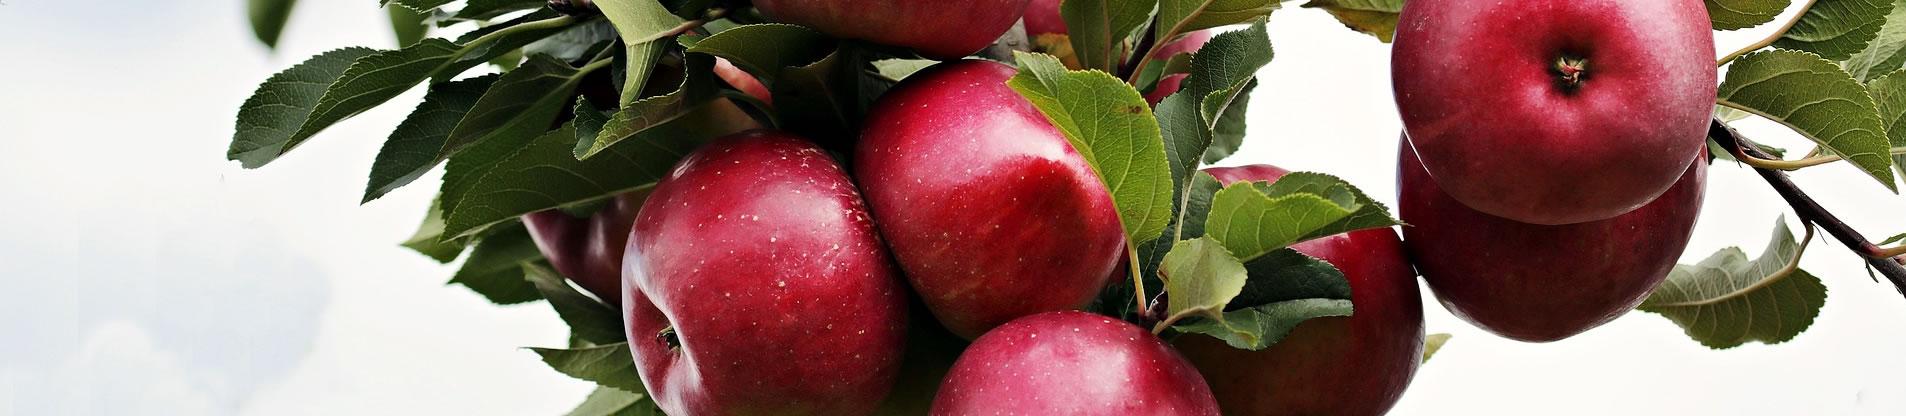 importateur-de-fruits-exotiques-et-fruits-de-contre-saison-marseille-france-4